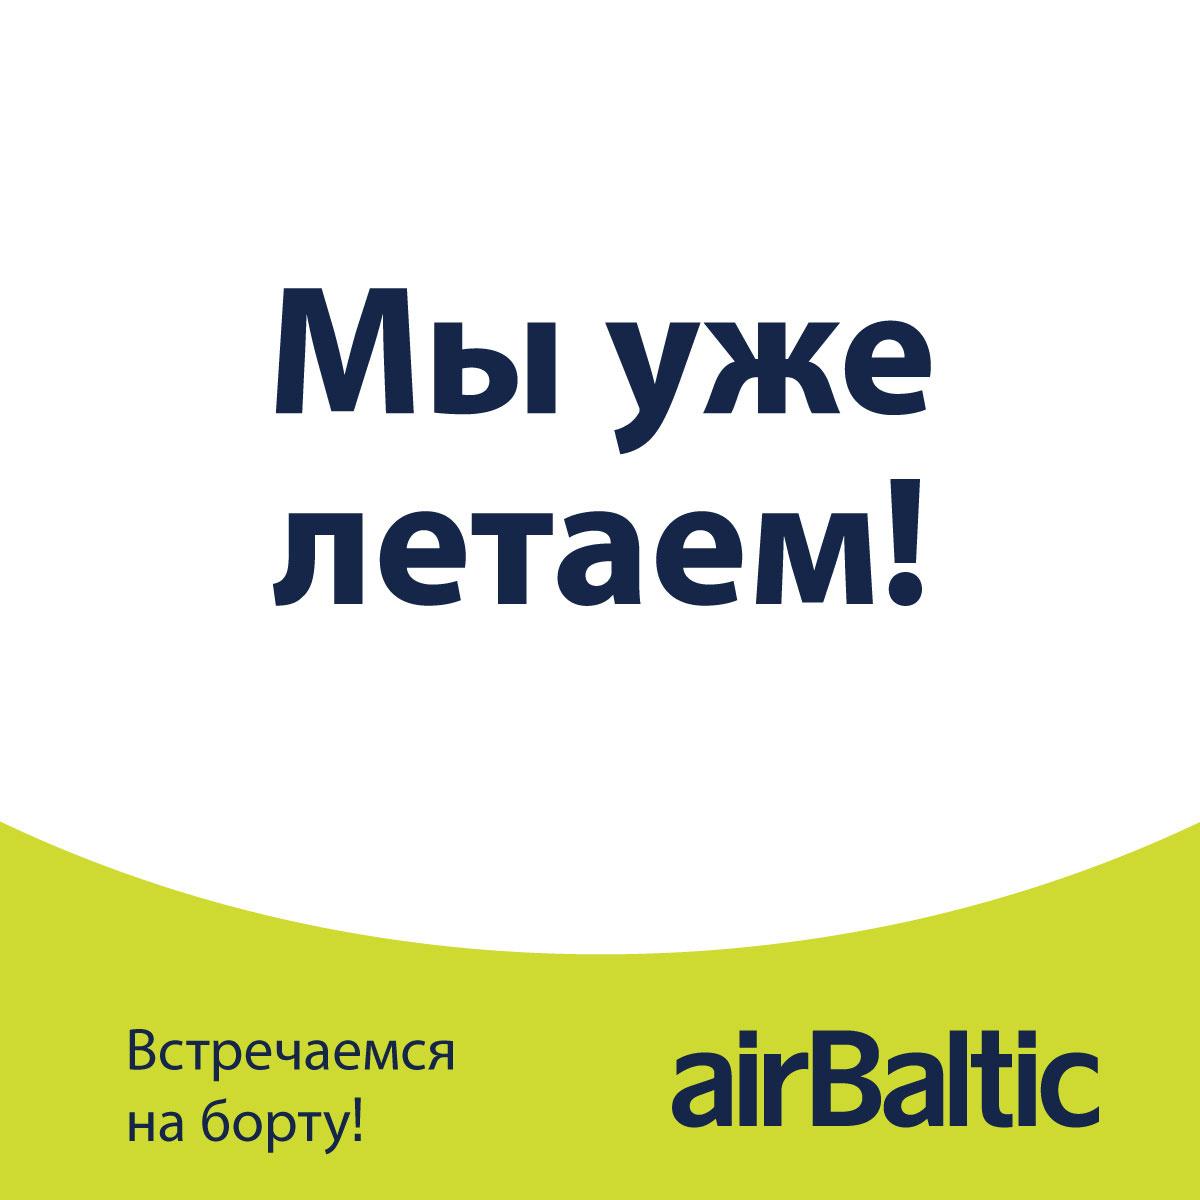 Oзнакомьтесь с нашим новым расписанием полетов! image